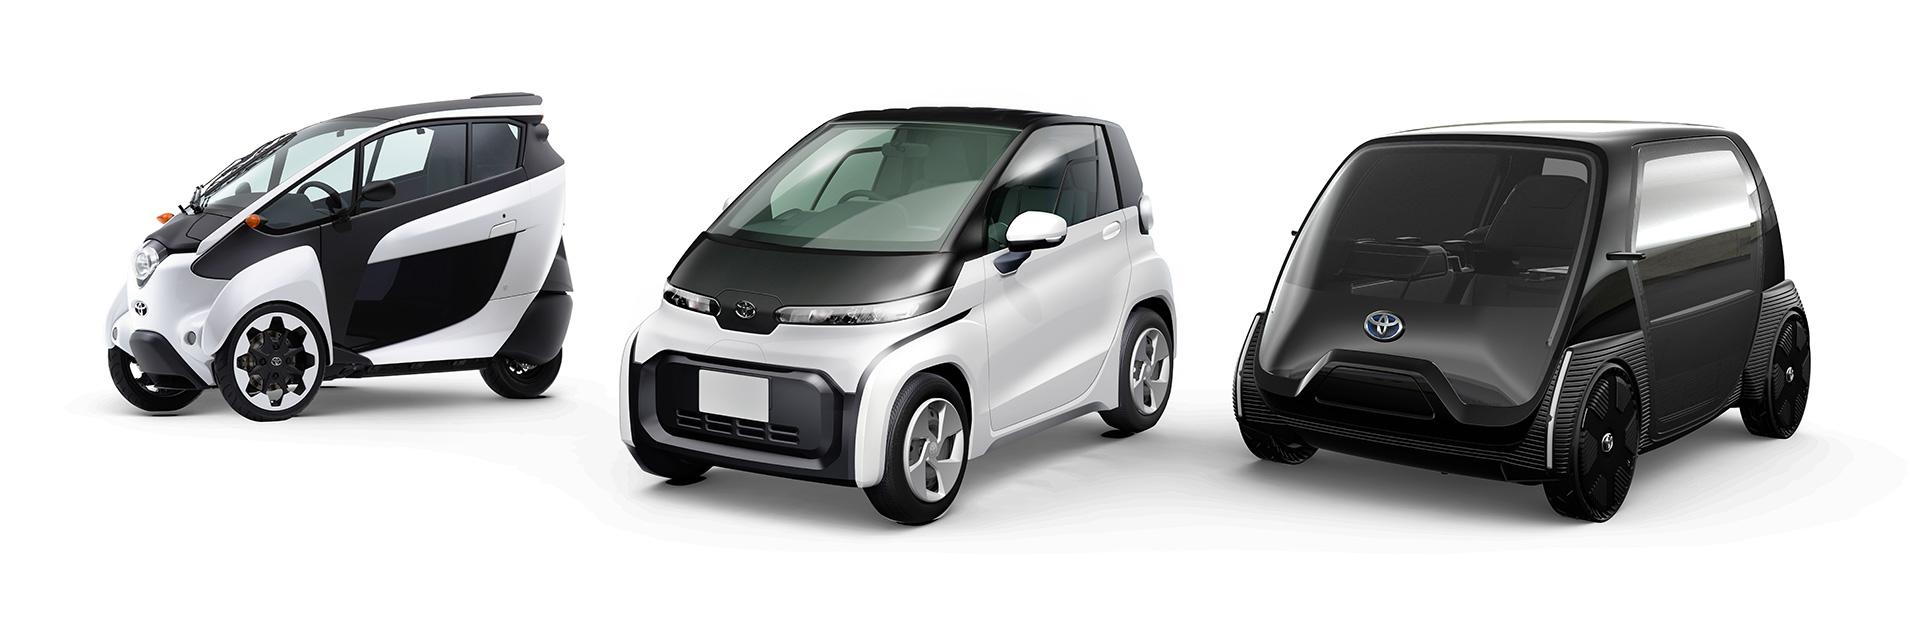 Toyota_ultra_kompakt_akkumulatoros_elektromos_autok_1